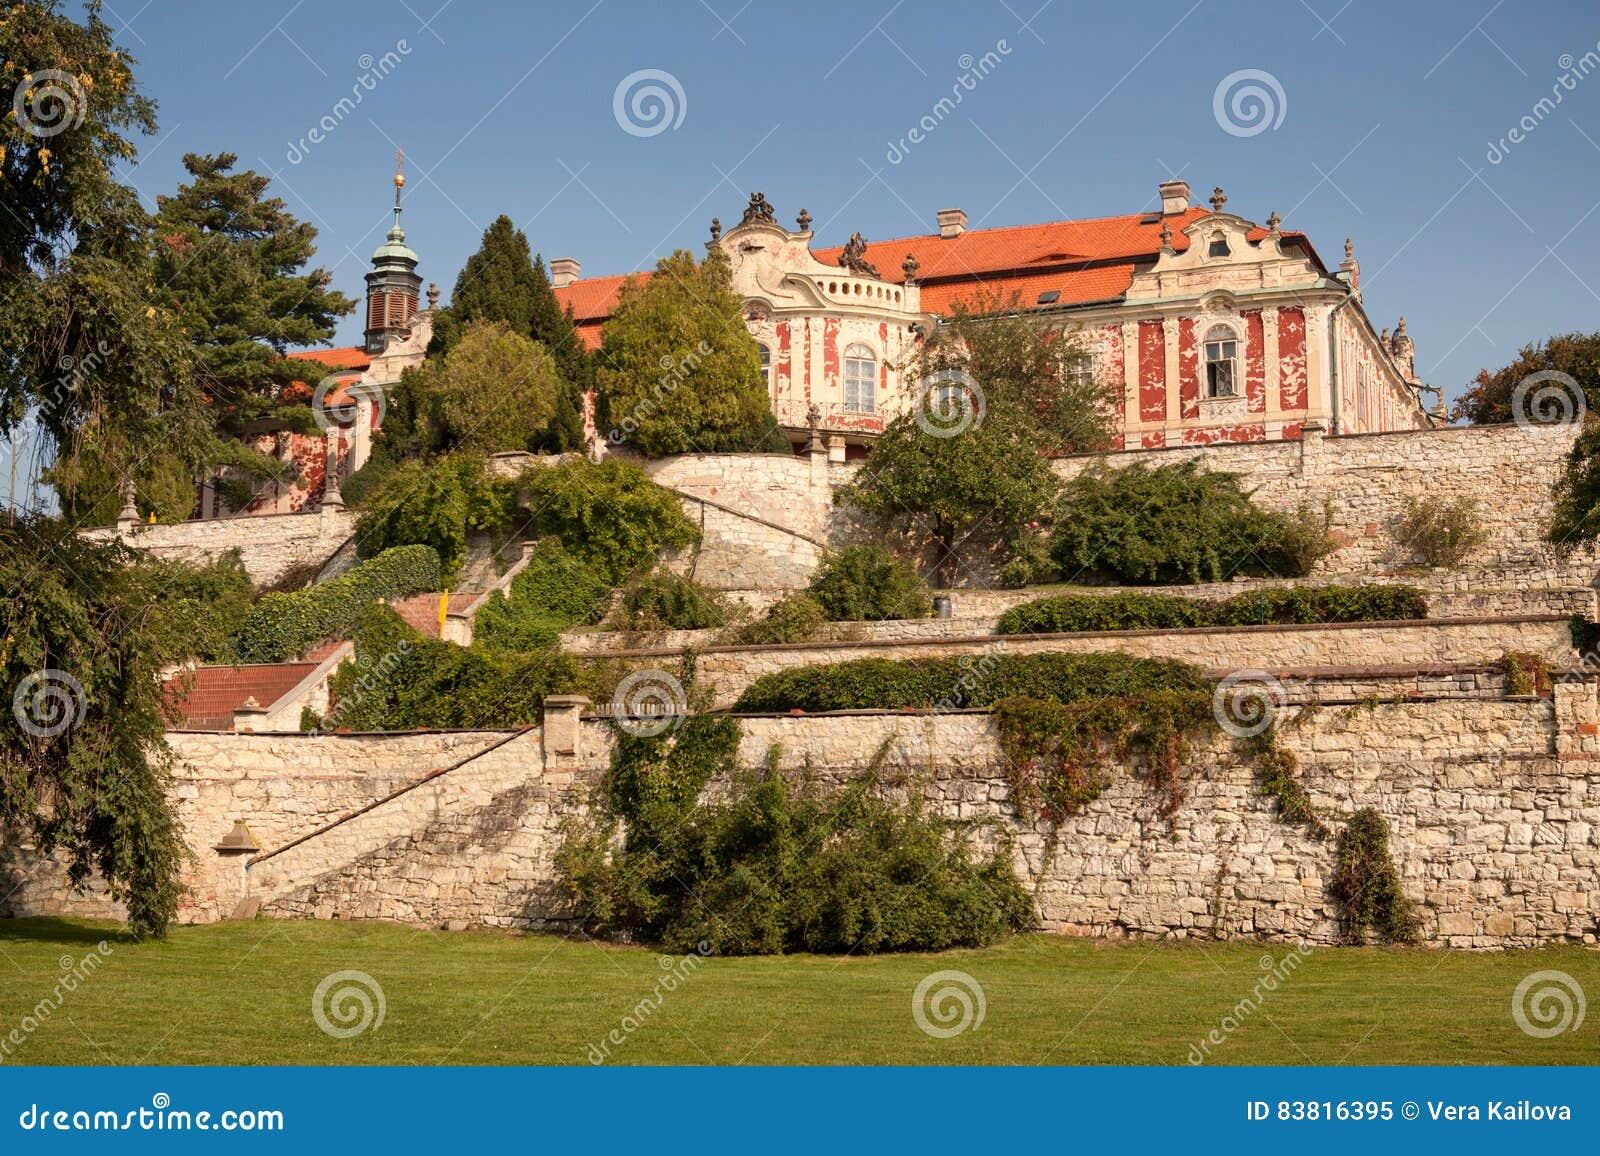 Castelo Steknik